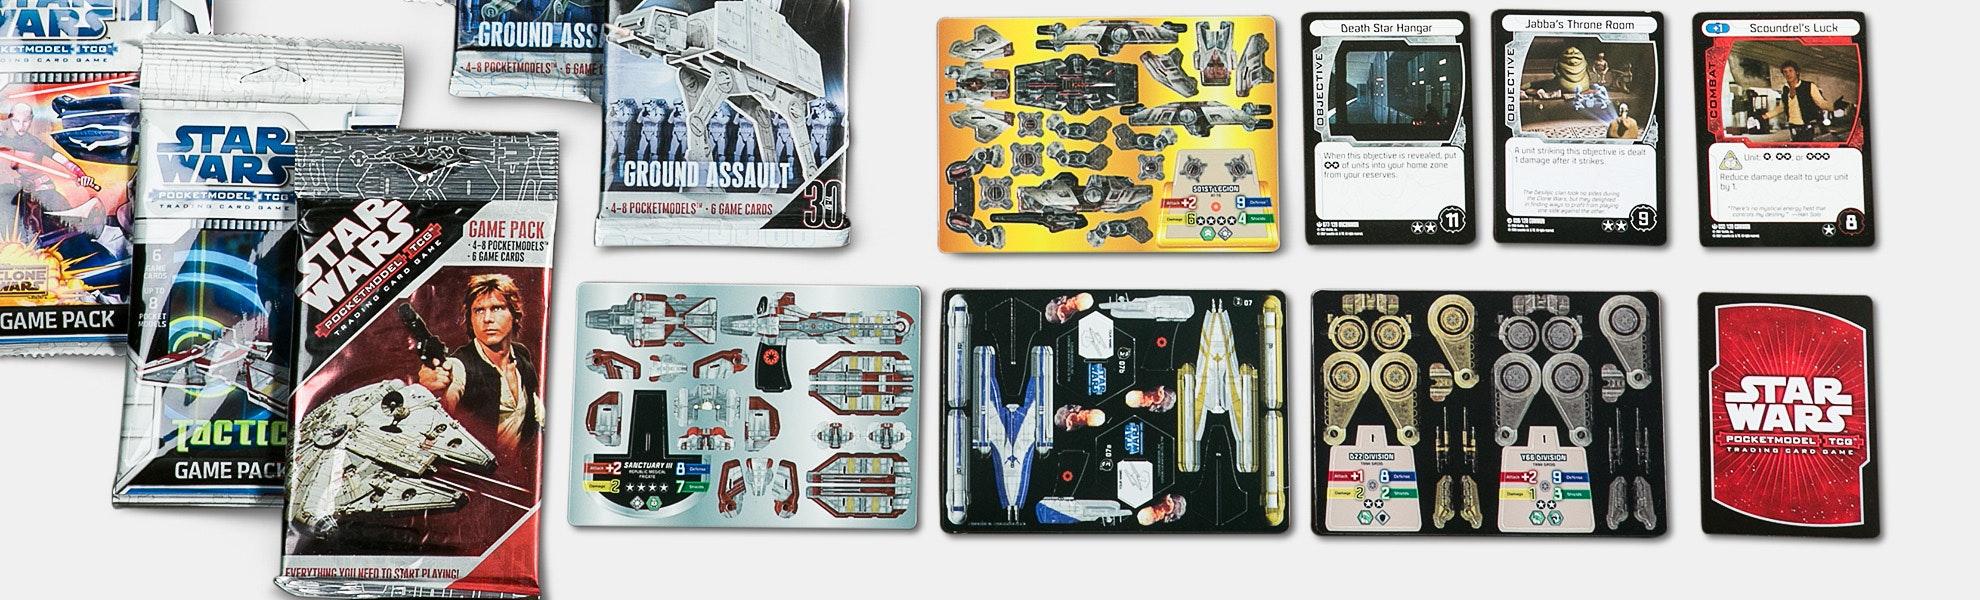 Star Wars Pocket Model TCG Bundle